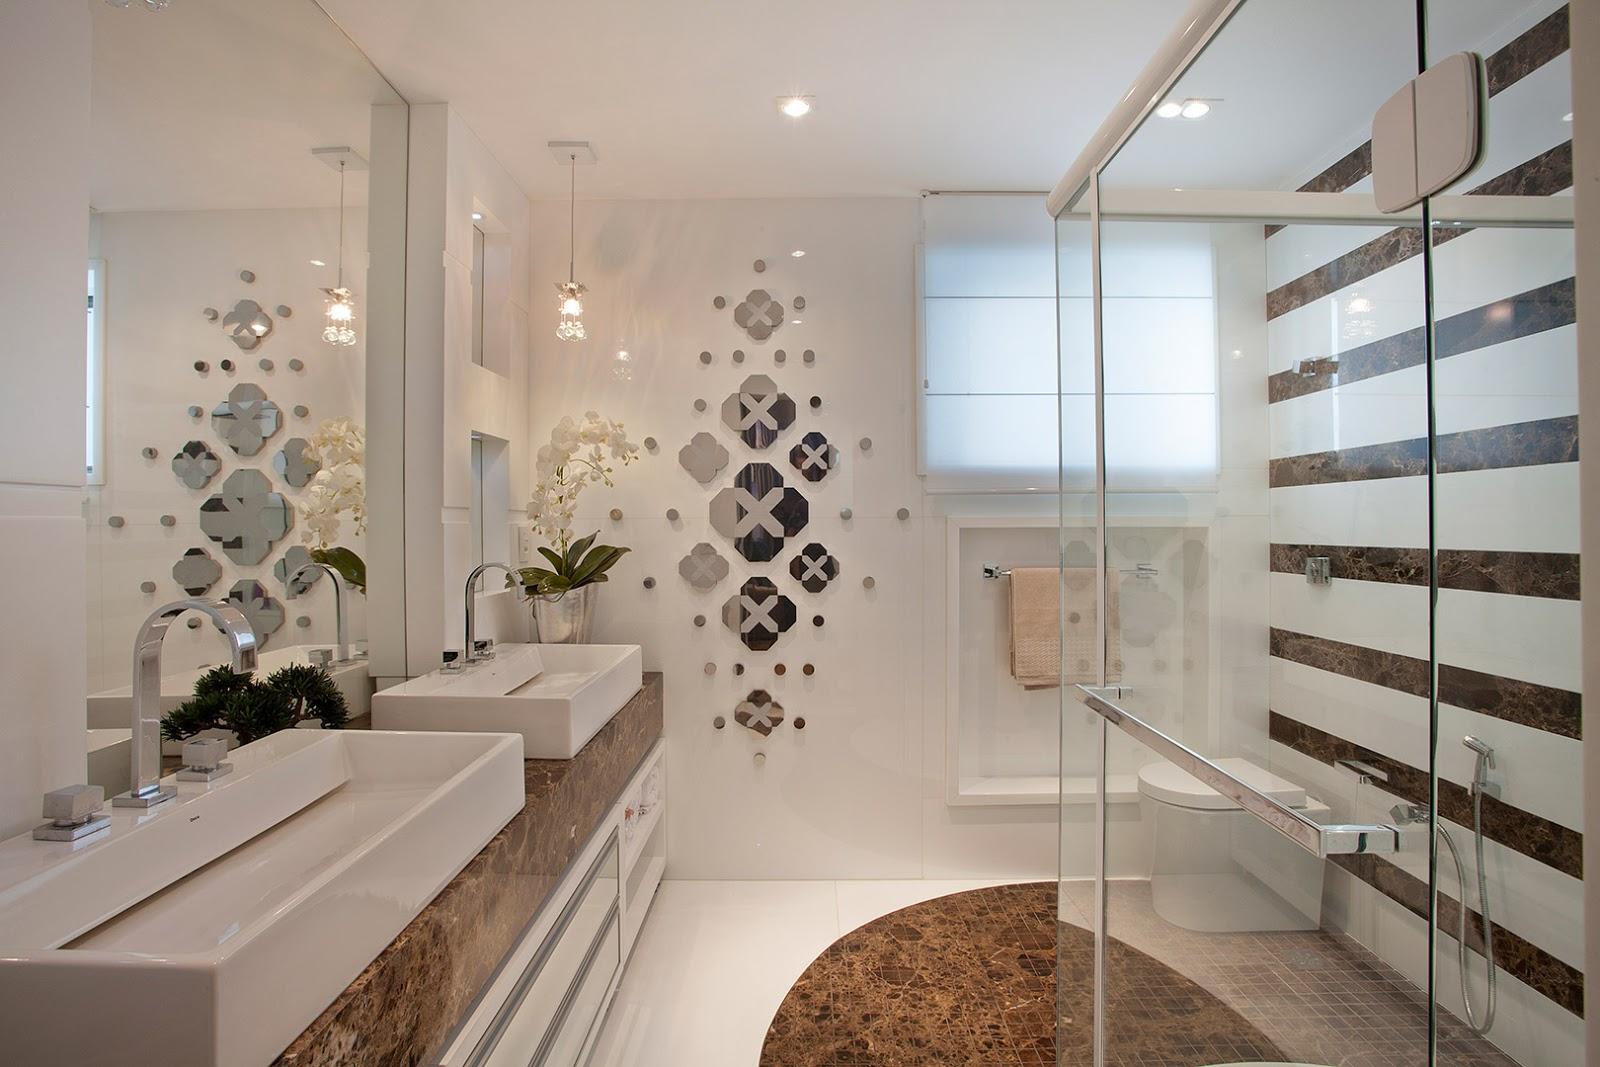 Imagens de #674B38  Clean: Tipos de Box de Vidros Inspire se em 50 Modelos de Banheiros 1600x1067 px 2930 Box Banheiro Fume Ou Incolor